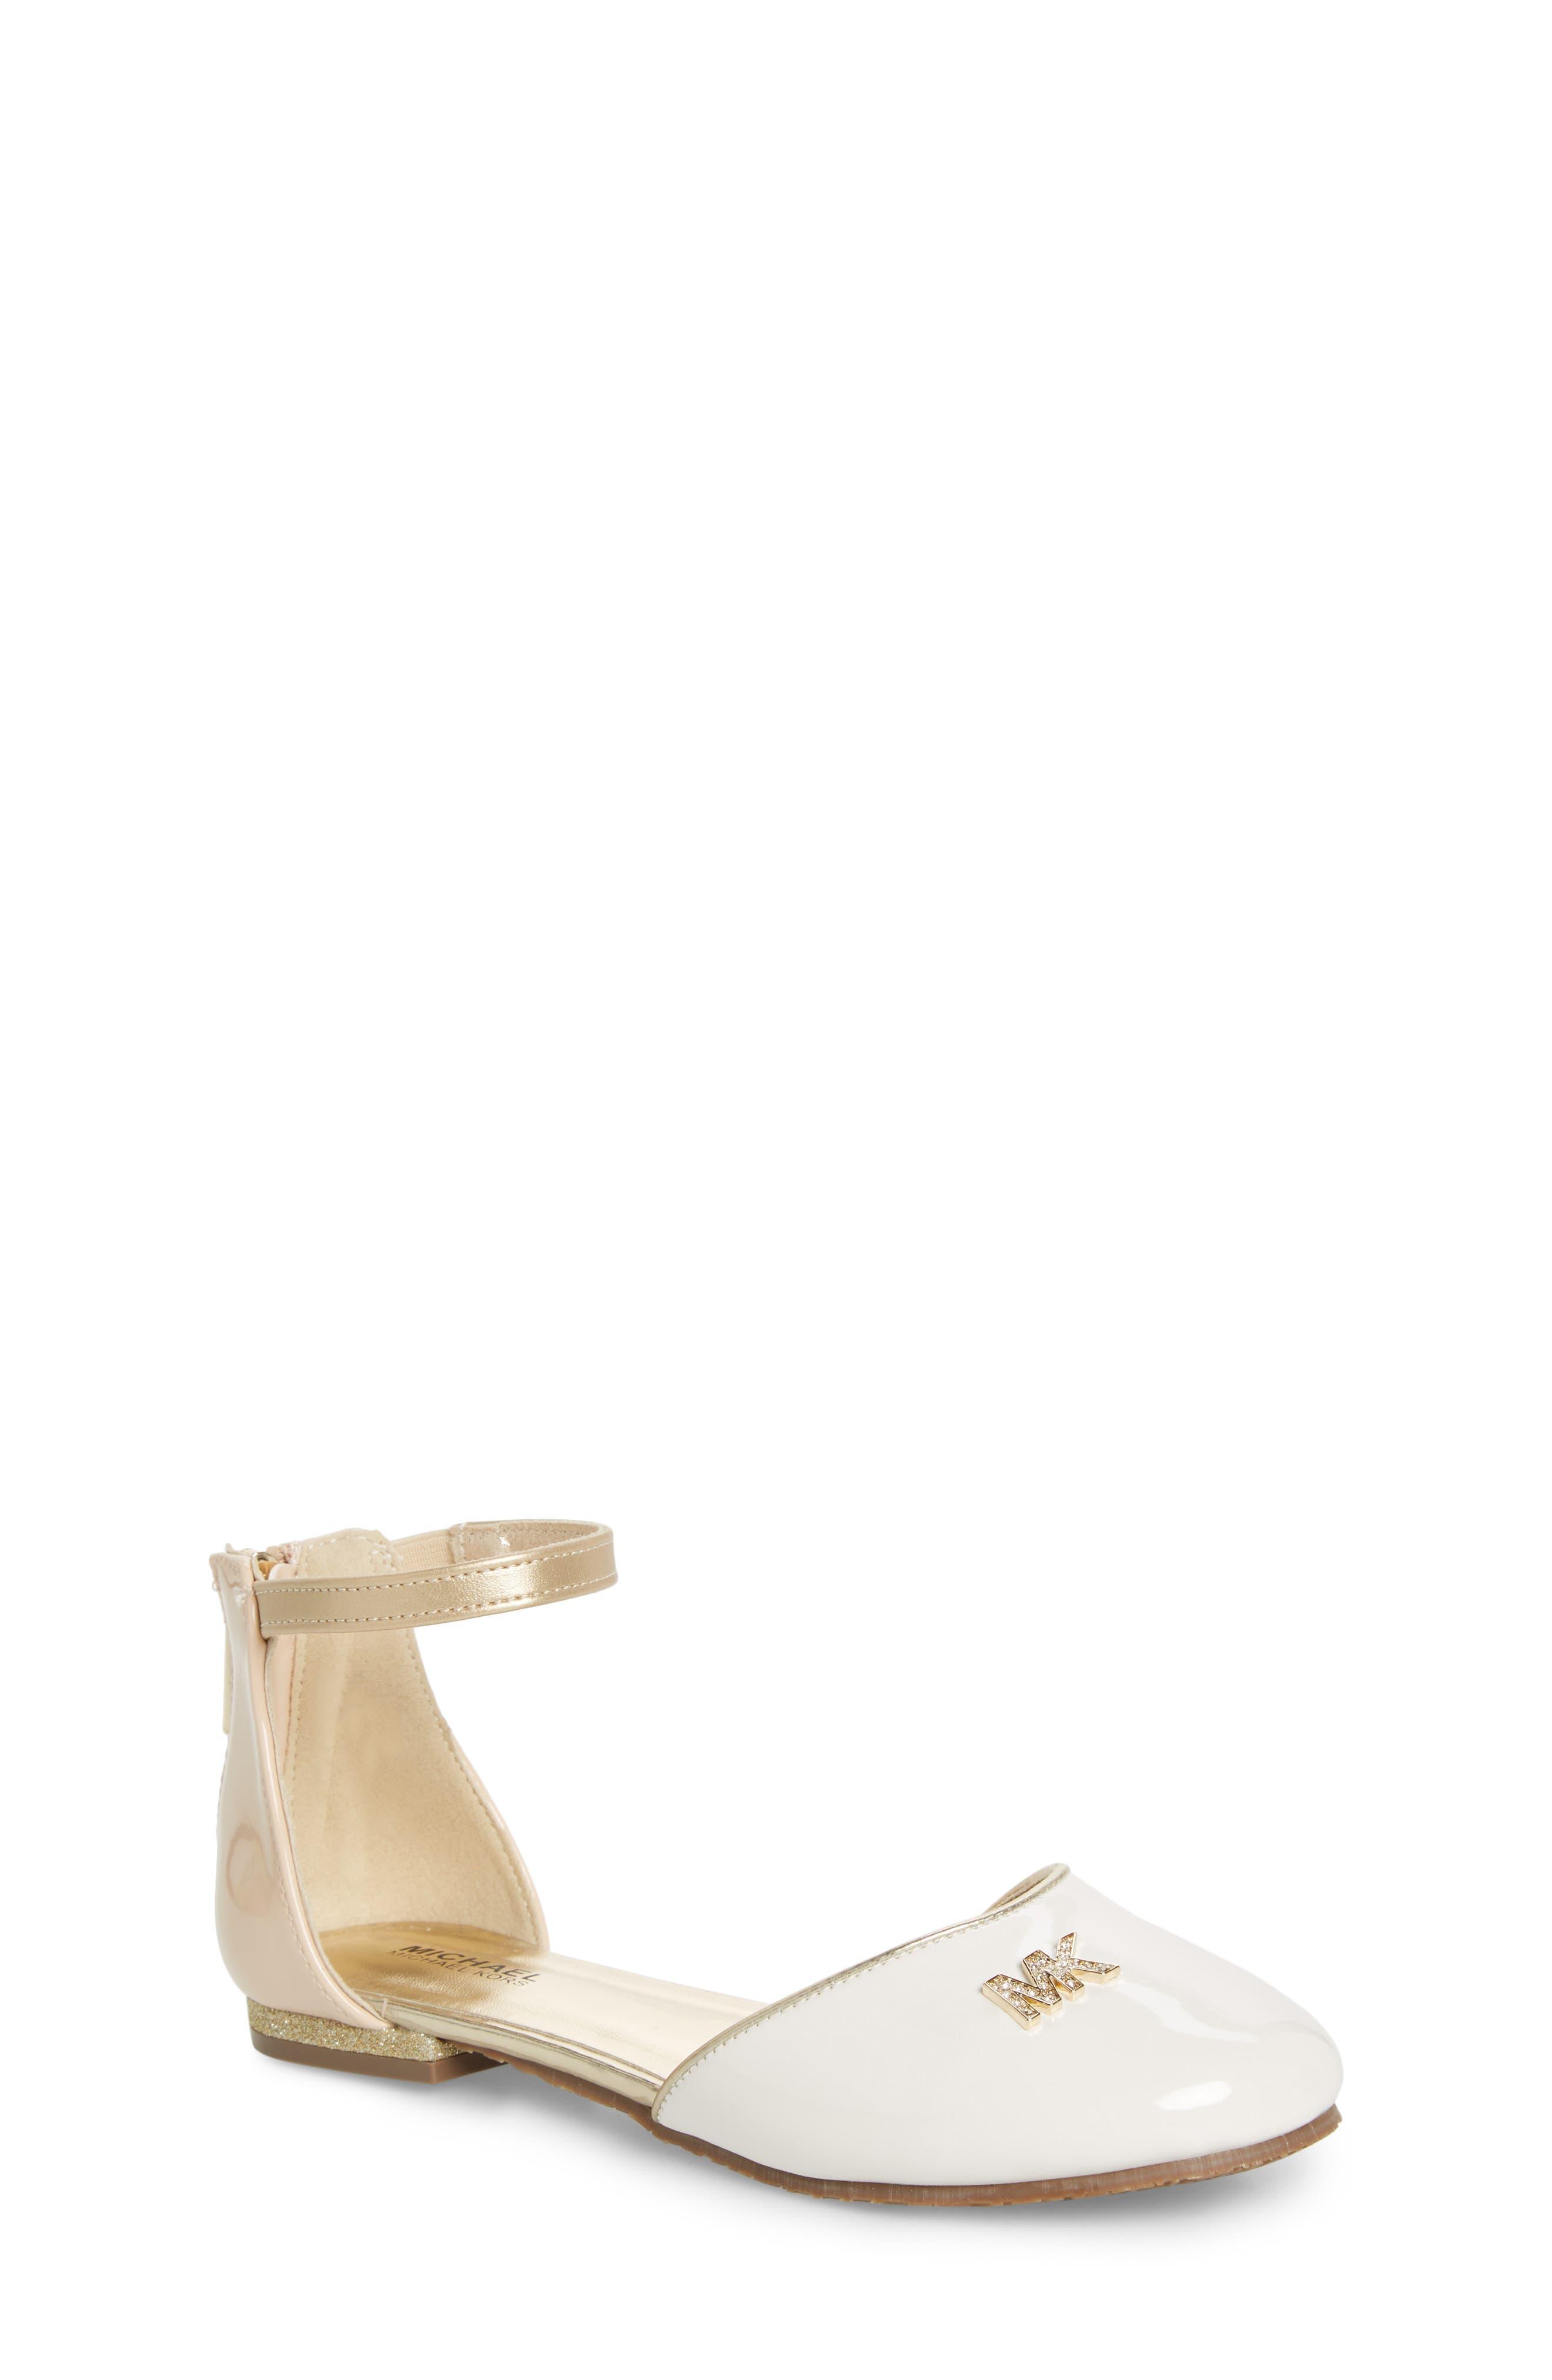 MICHAEL MICHAEL KORS, Kitten Kaisa Glitter Heel Sandal, Main thumbnail 1, color, GOLD MULTI